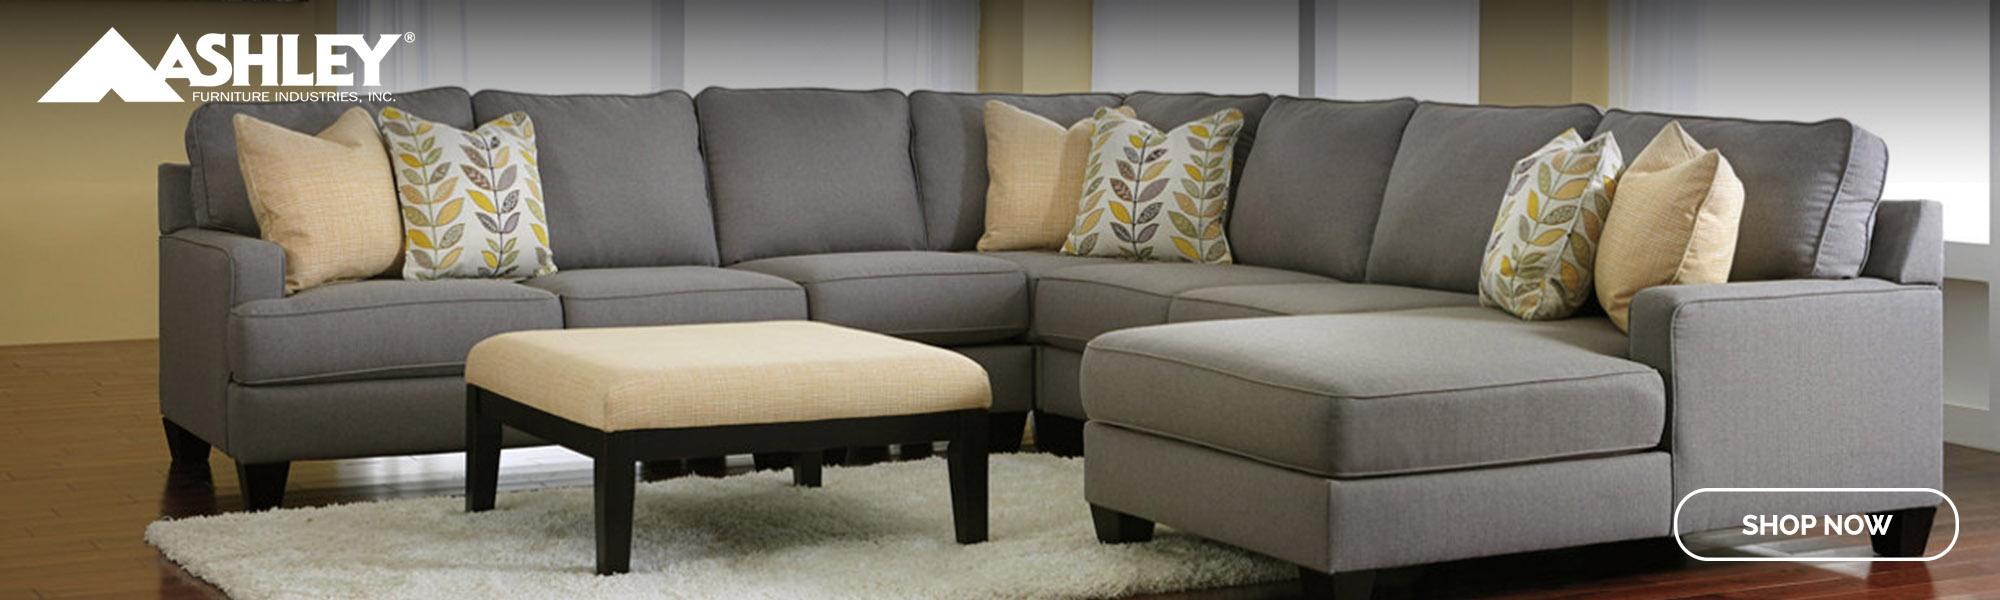 ashley furniture Slide